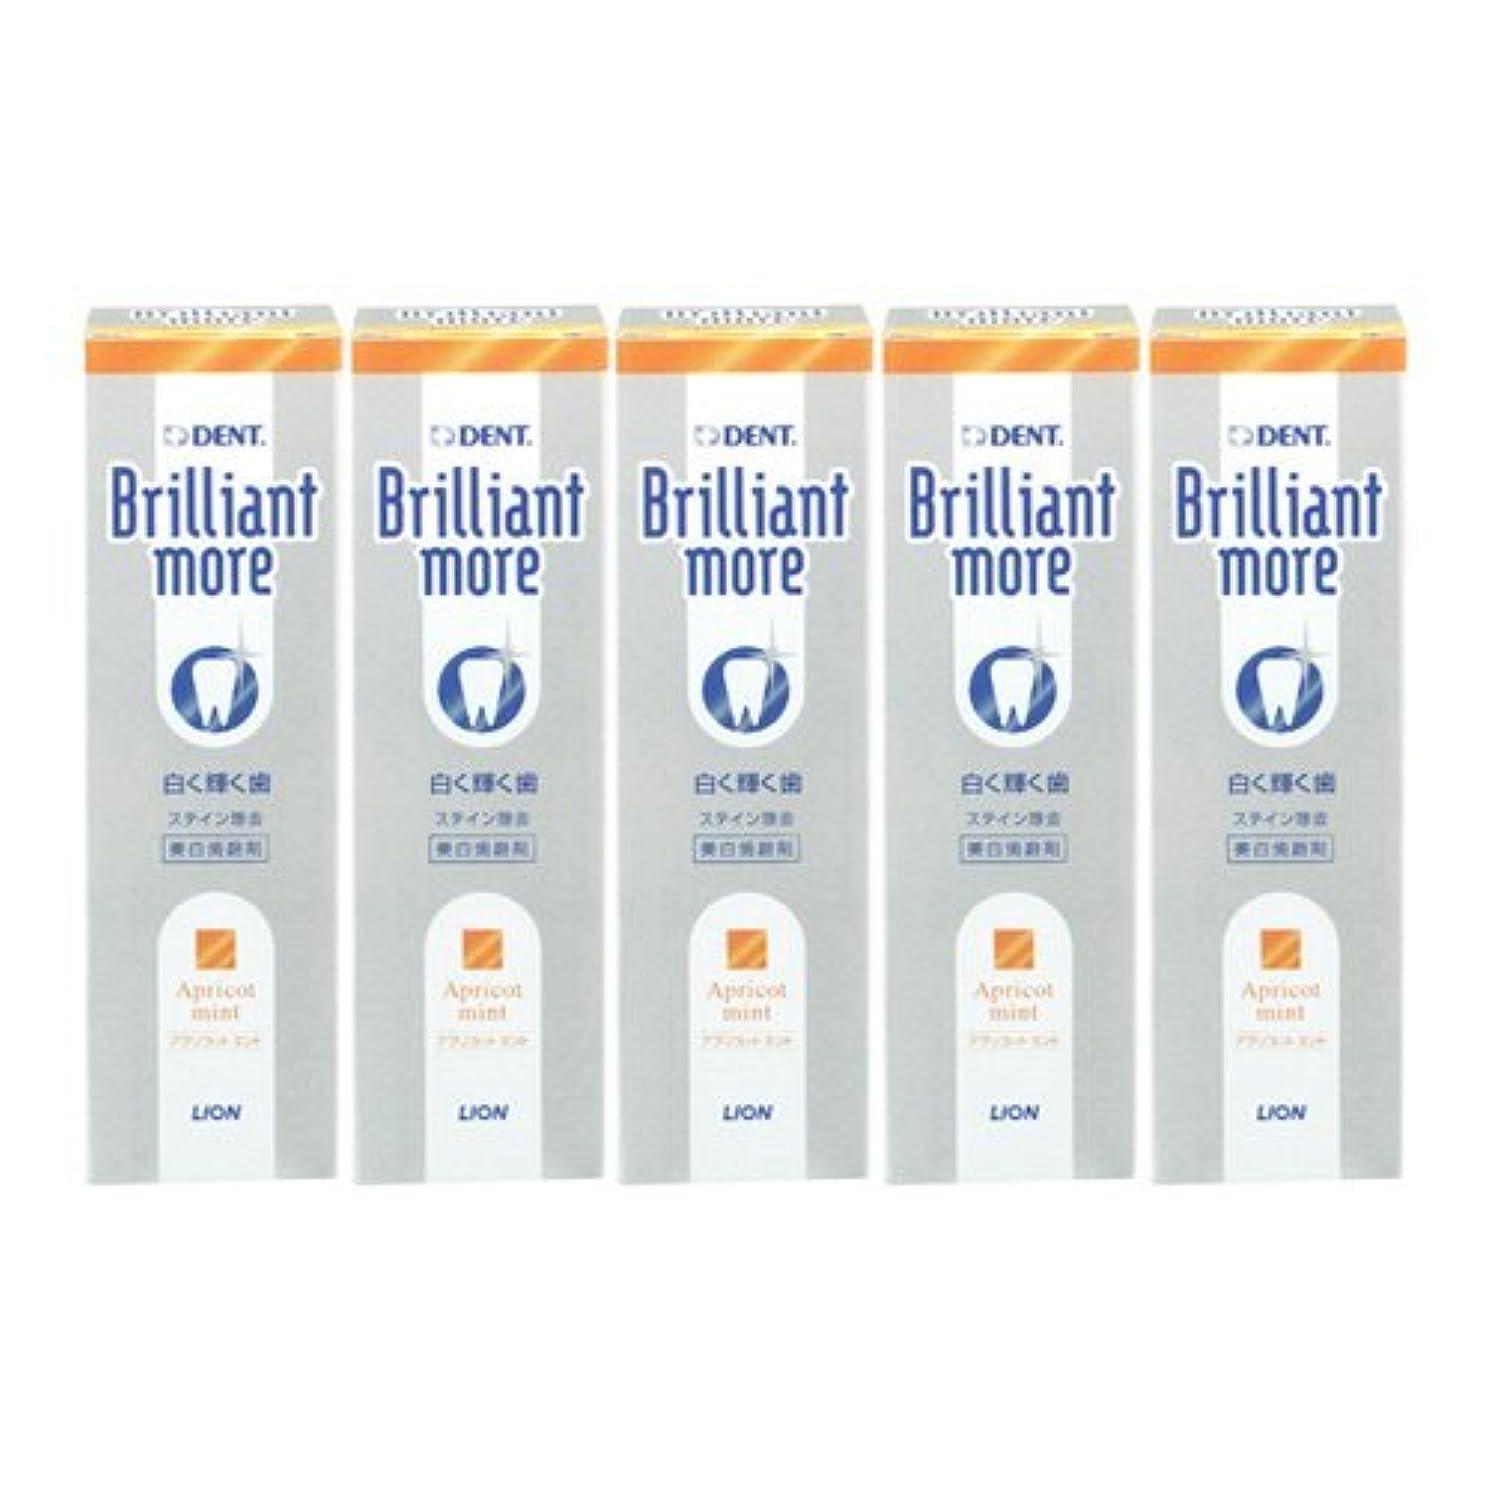 再撮り心から申込みライオン ブリリアントモア アプリコットミント 美白歯磨剤 LION Brilliant more 5本セット